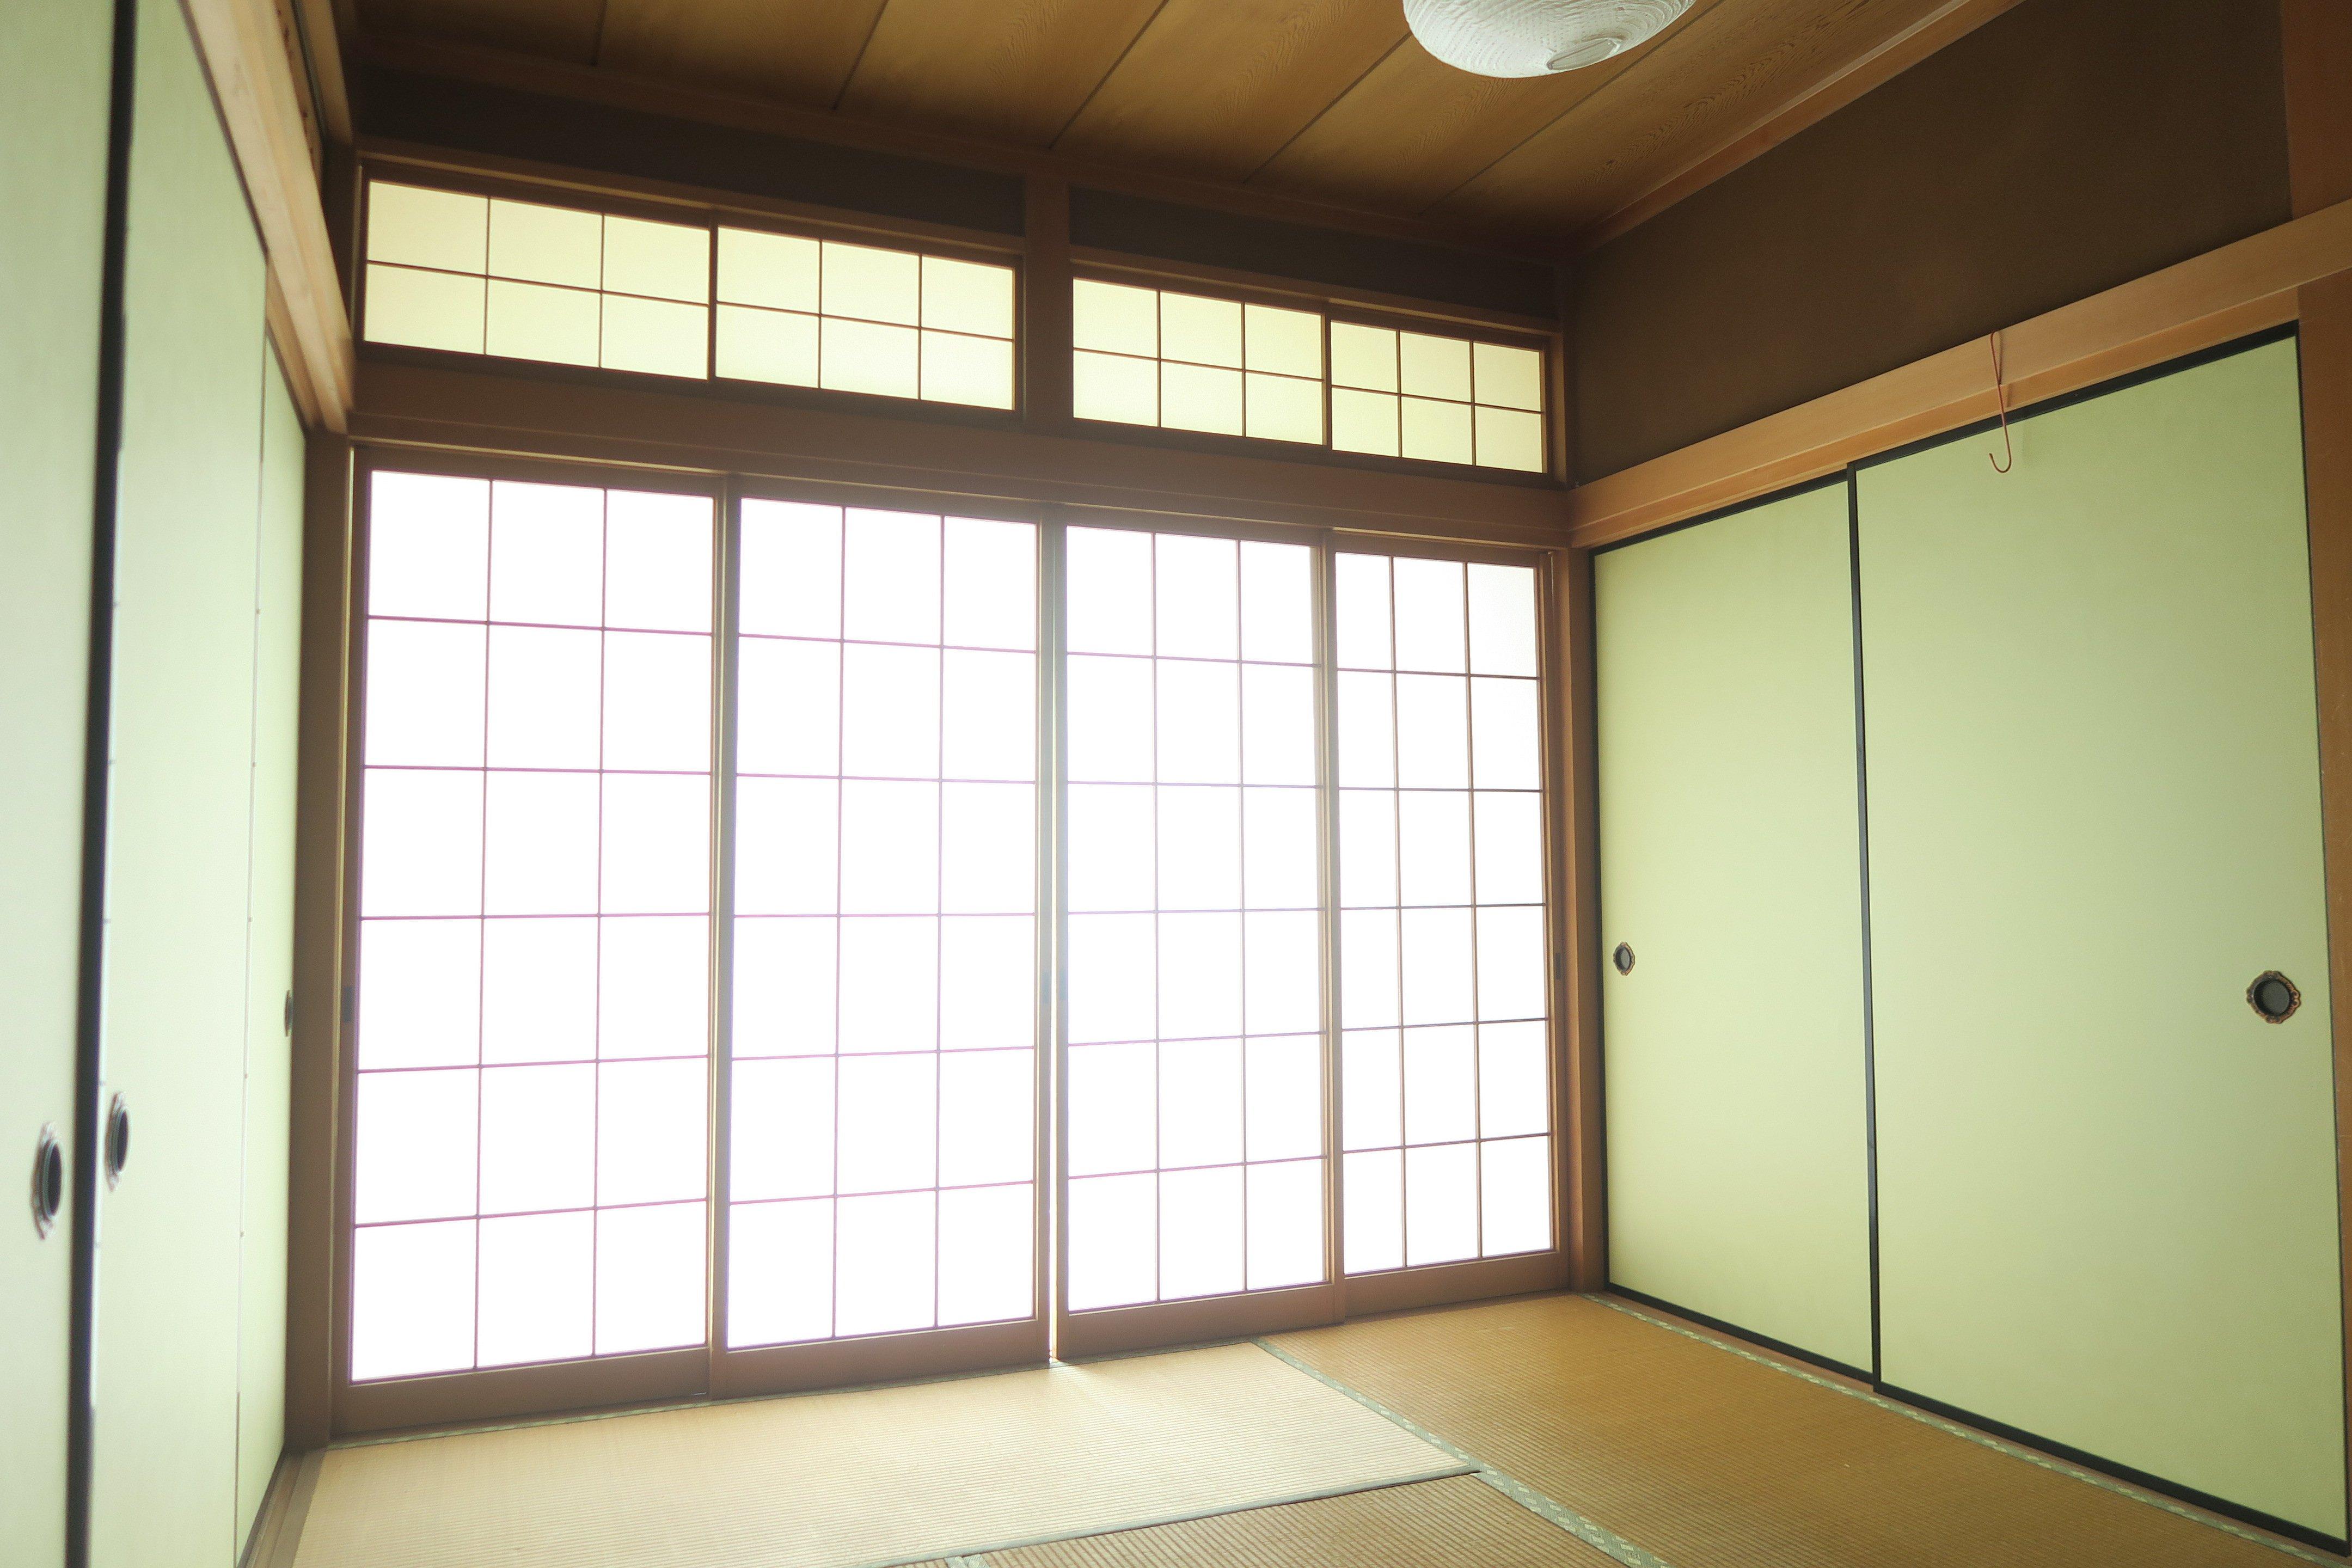 和室 (6畳) レンタルチケットのイメージその3